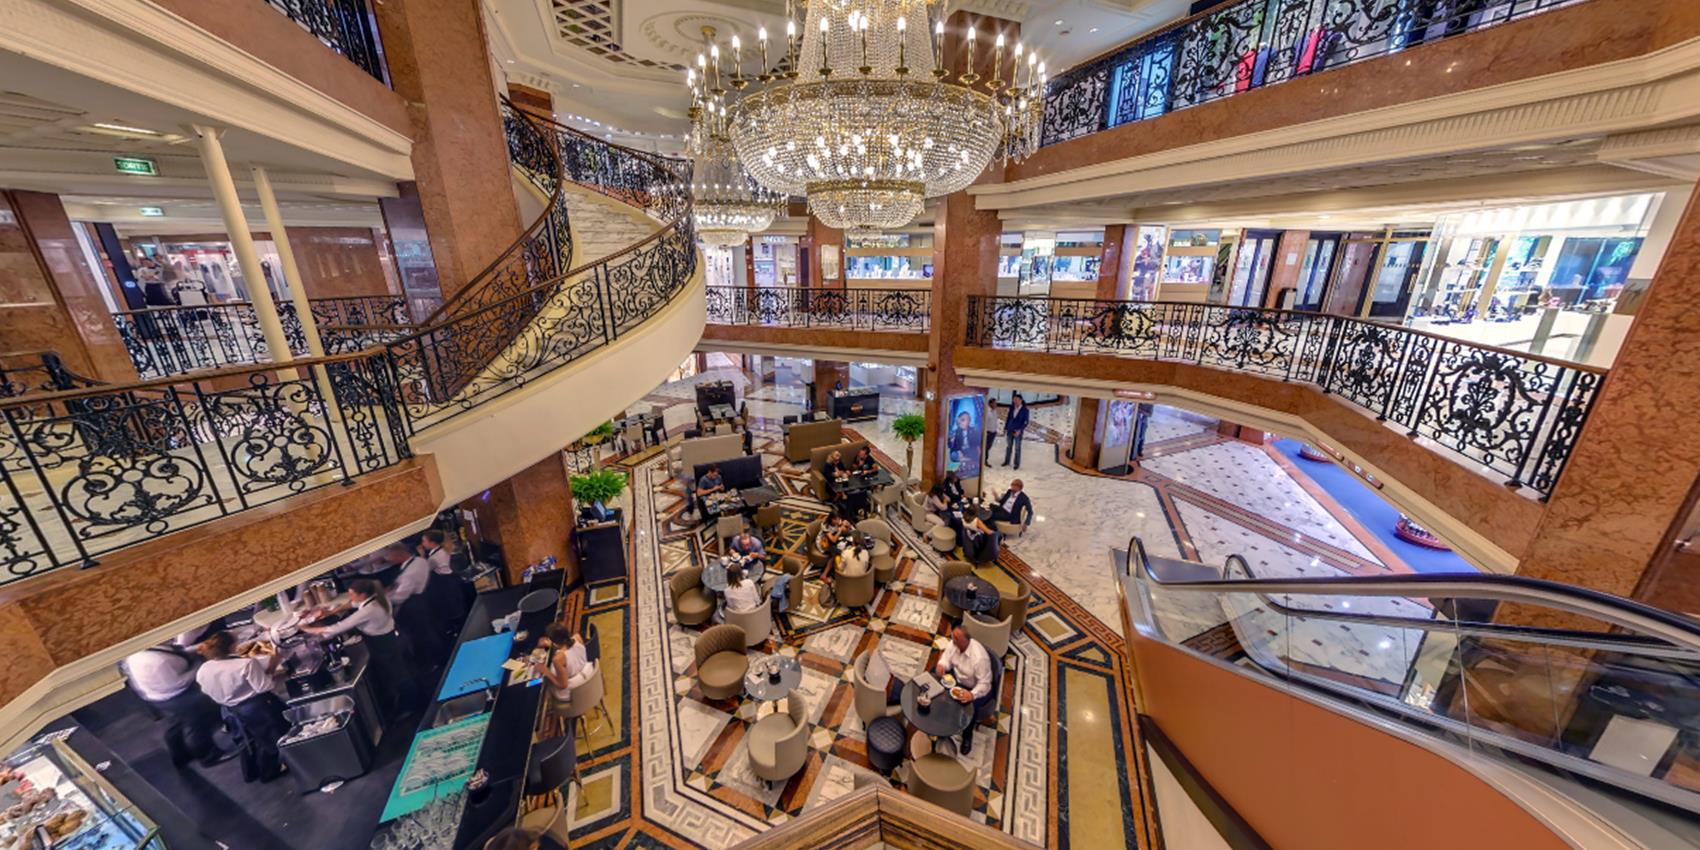 Métropole Shopping Center